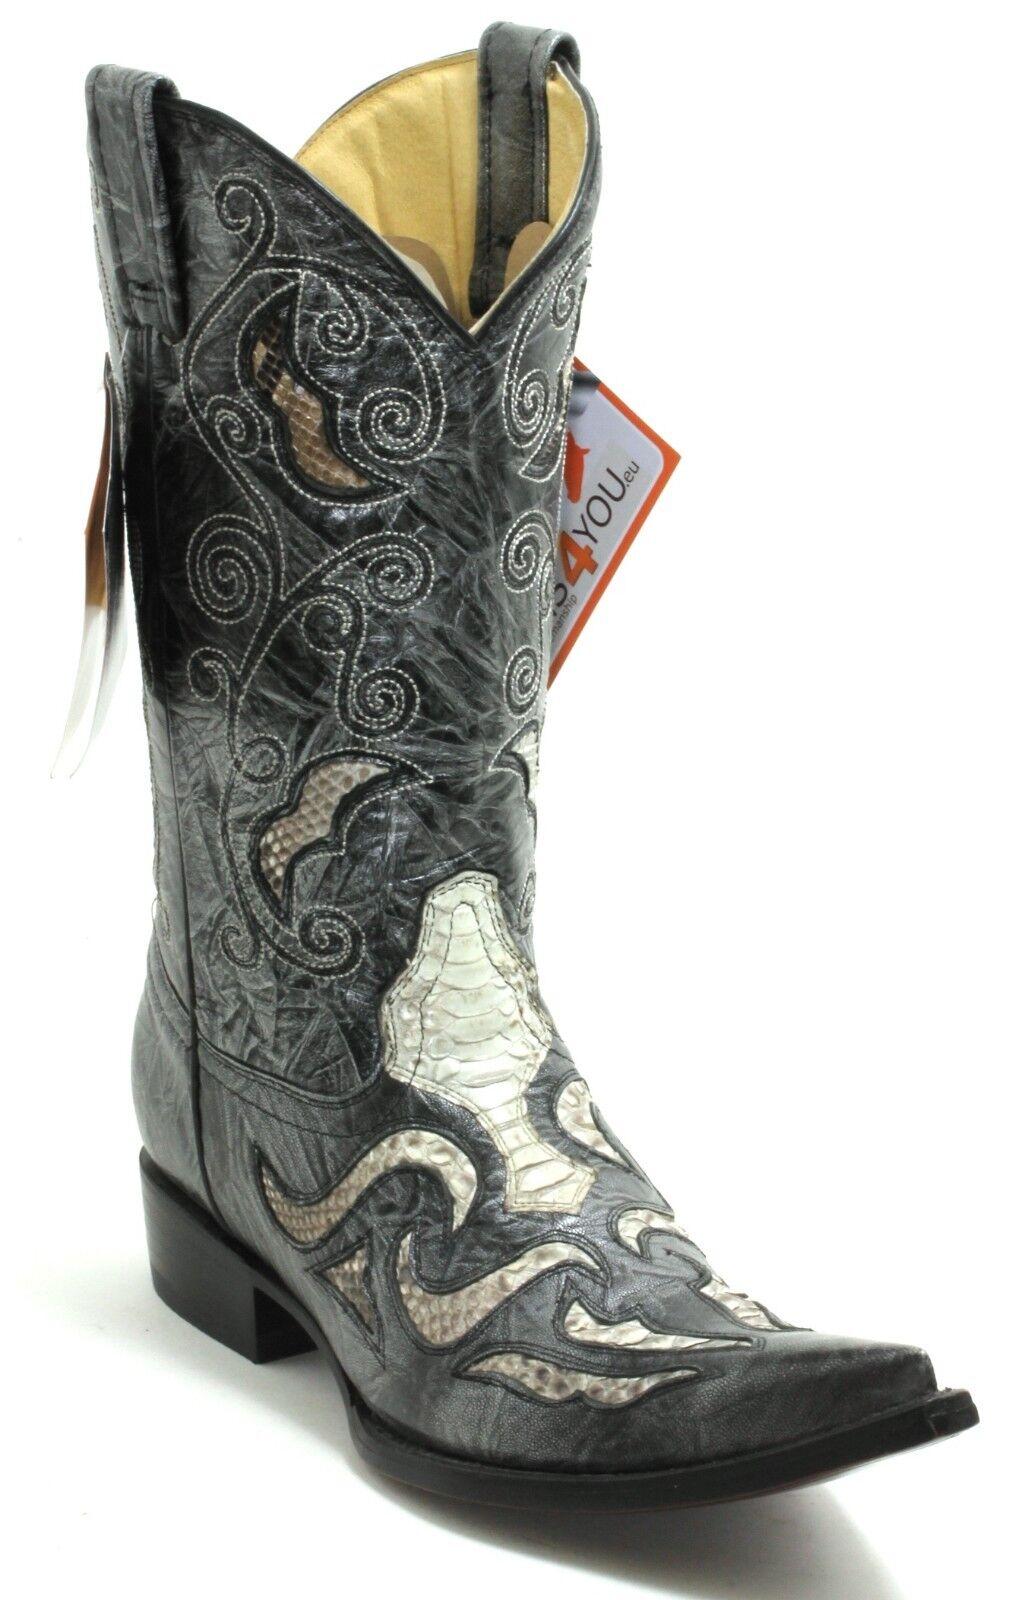 226 Cowboystiefel Westernstiefel Texas Stiefel Western Western Western Lederstiefel Rudel 39,5-40 161367